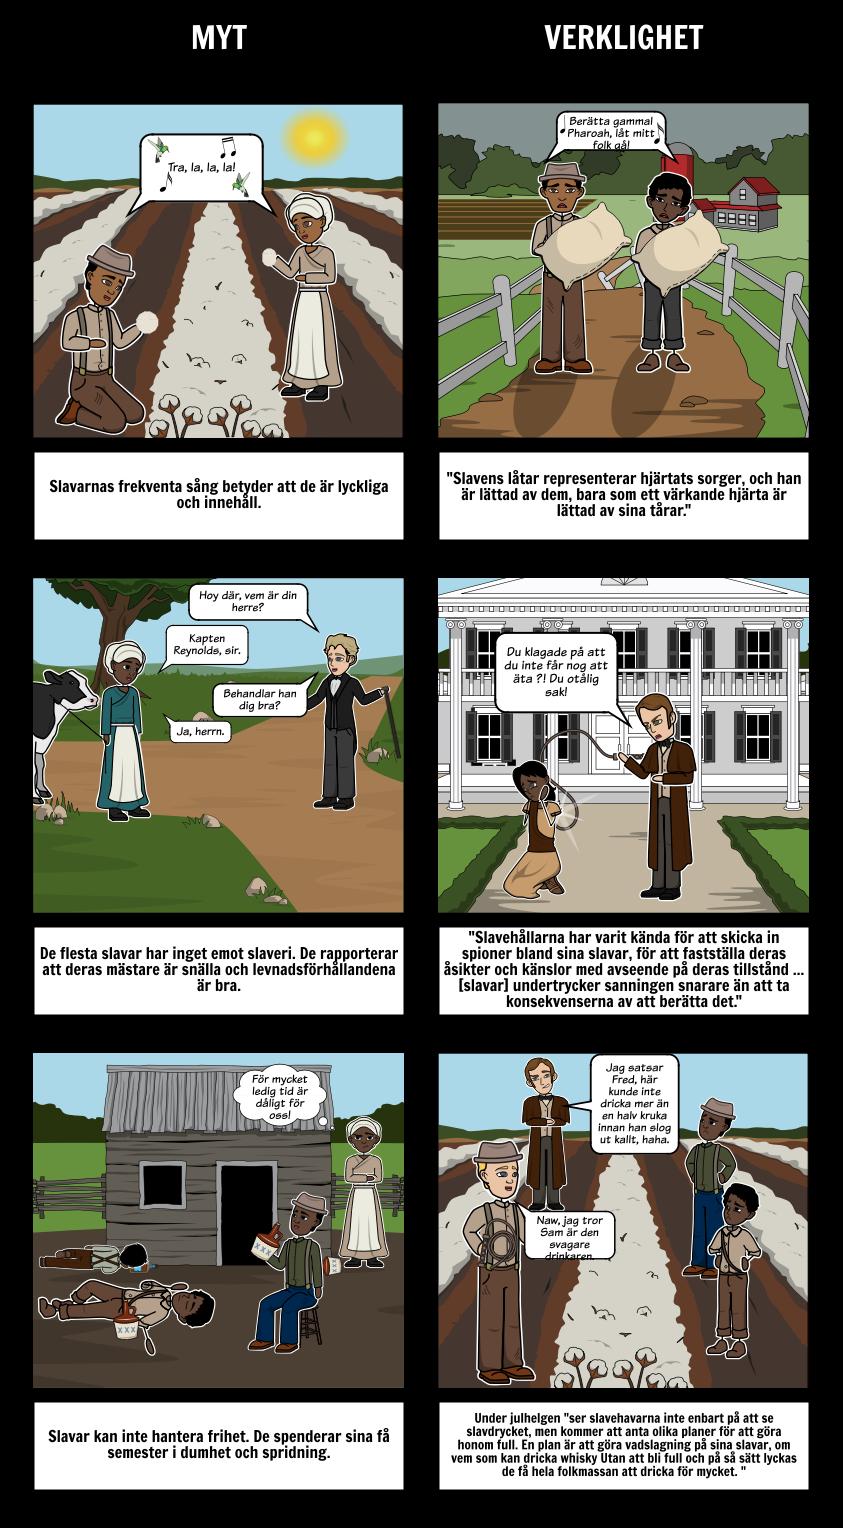 En Berättelse om Livet för Frederick Douglass Mythbusters